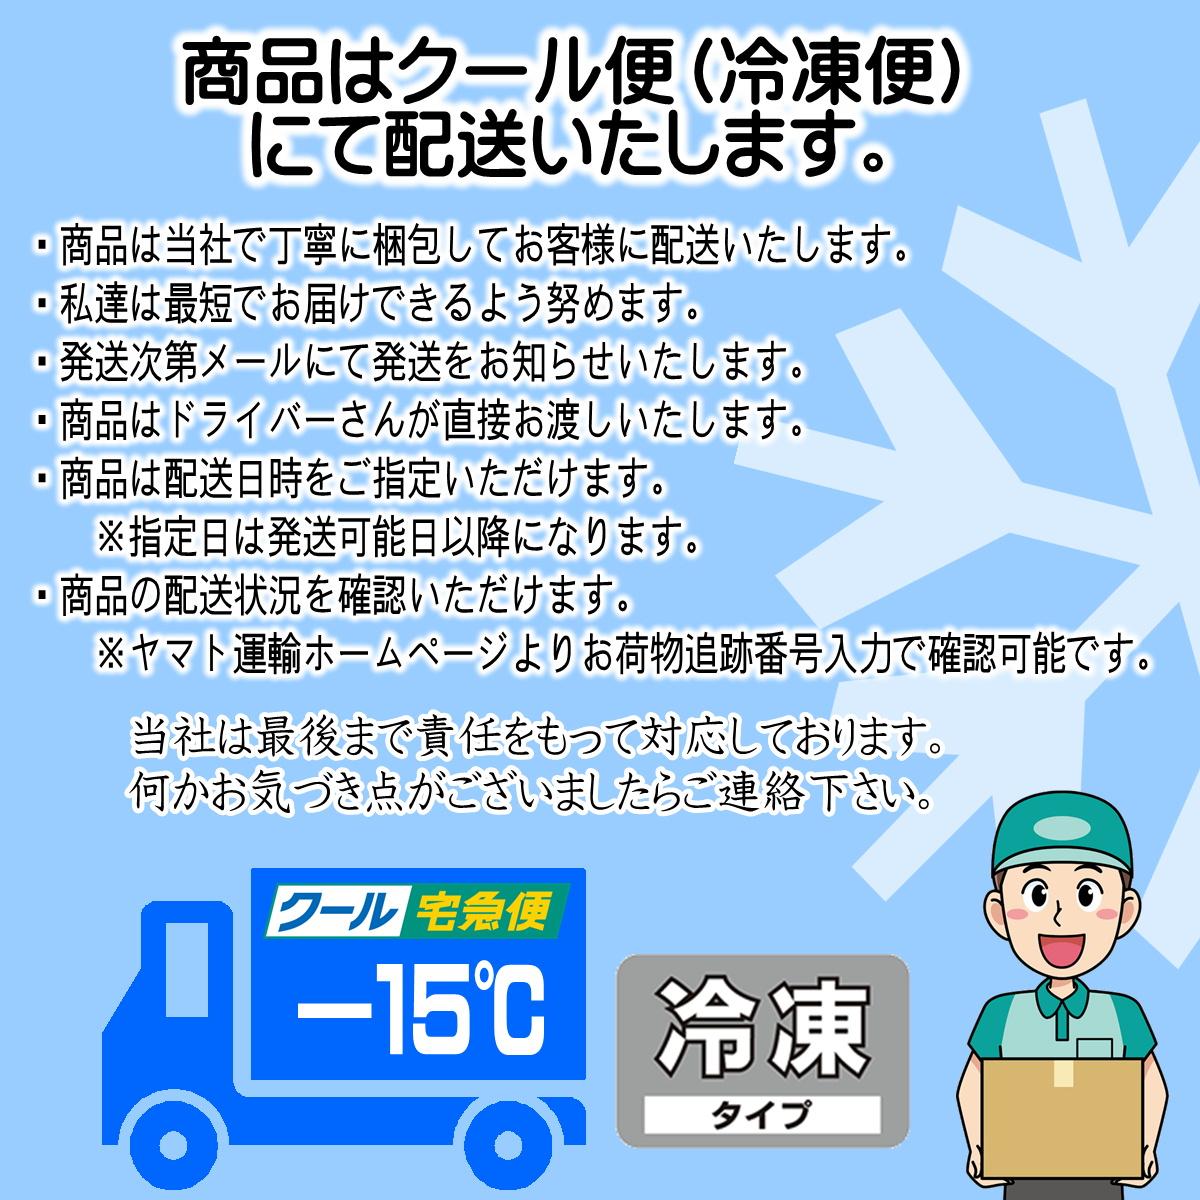 海老 ・ バナメイ海老  1.8kg 【 鮮度維持 ブロック 凍結 31/40・約124〜160尾 】 業務用、一般の方もご利用いただけます 【冷凍便】